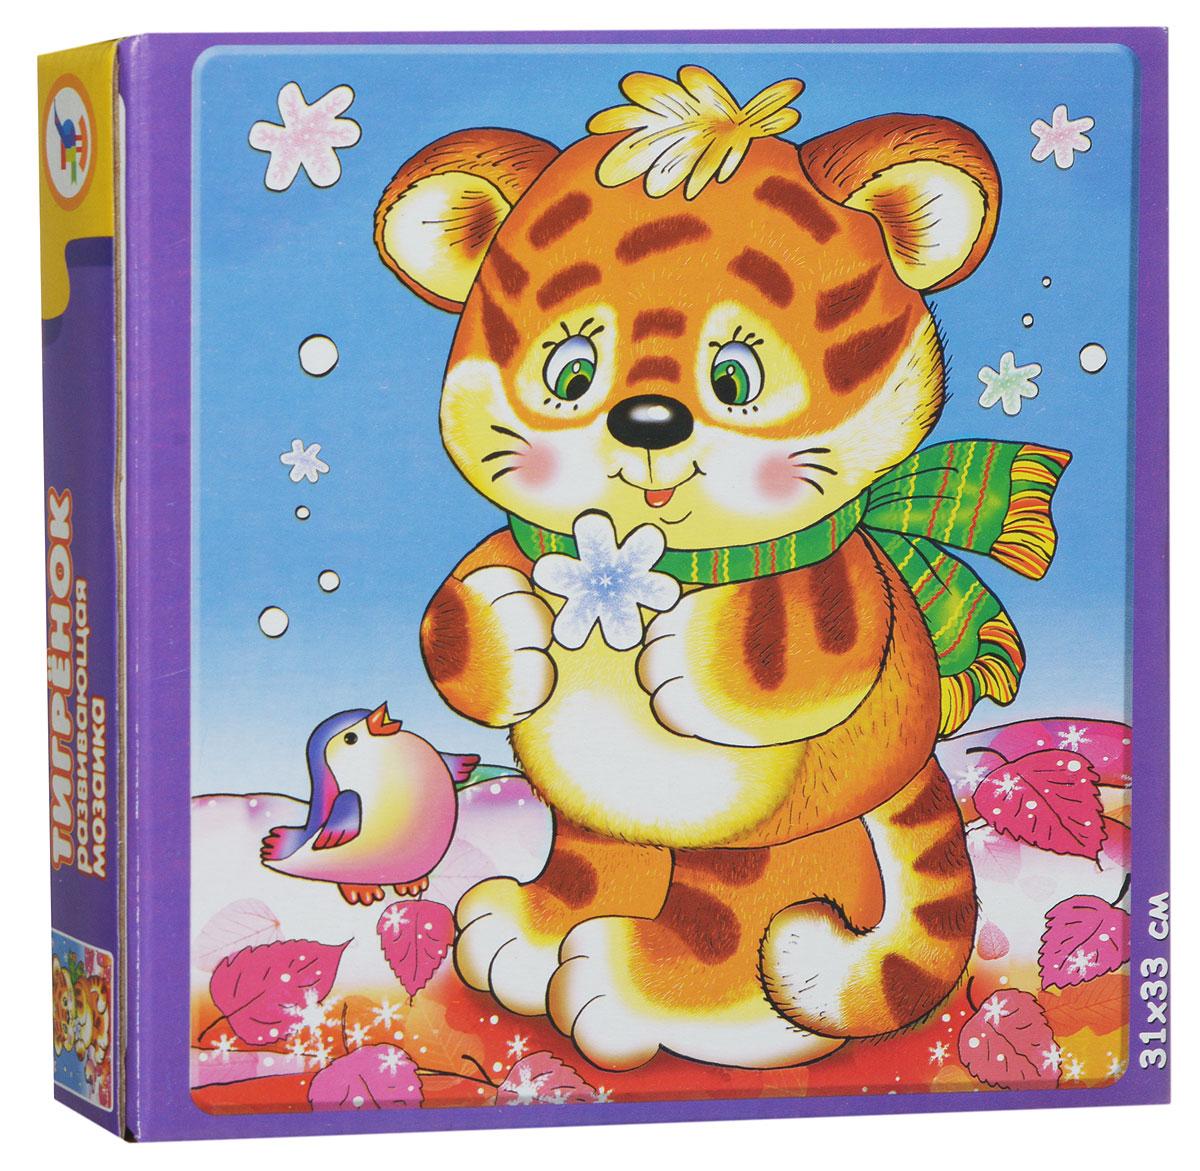 Дрофа-Медиа Пазл для малышей Тигренок1295Пазл для малышей Дрофа-Медиа Тигренок обязательно привлечет внимание вашего малыша. Собрав этот пазл, включающий в себя 16 элементов, вы получите картинку с изображением милого тигренка с цветком. Пазл научит ребенка усидчивости, умению доводить начатое дело до конца, поможет развить внимание, память, образное и логическое мышление, сенсорно- моторную координацию движения рук. Крупная и яркая форма собираемых элементов картинки способствуют развитию мелкой моторики, которая напрямую влияет на развитие речи и интеллектуальных способностей. В дальнейшем хорошая координация движений рук поможет ребенку легко овладеть письмом.